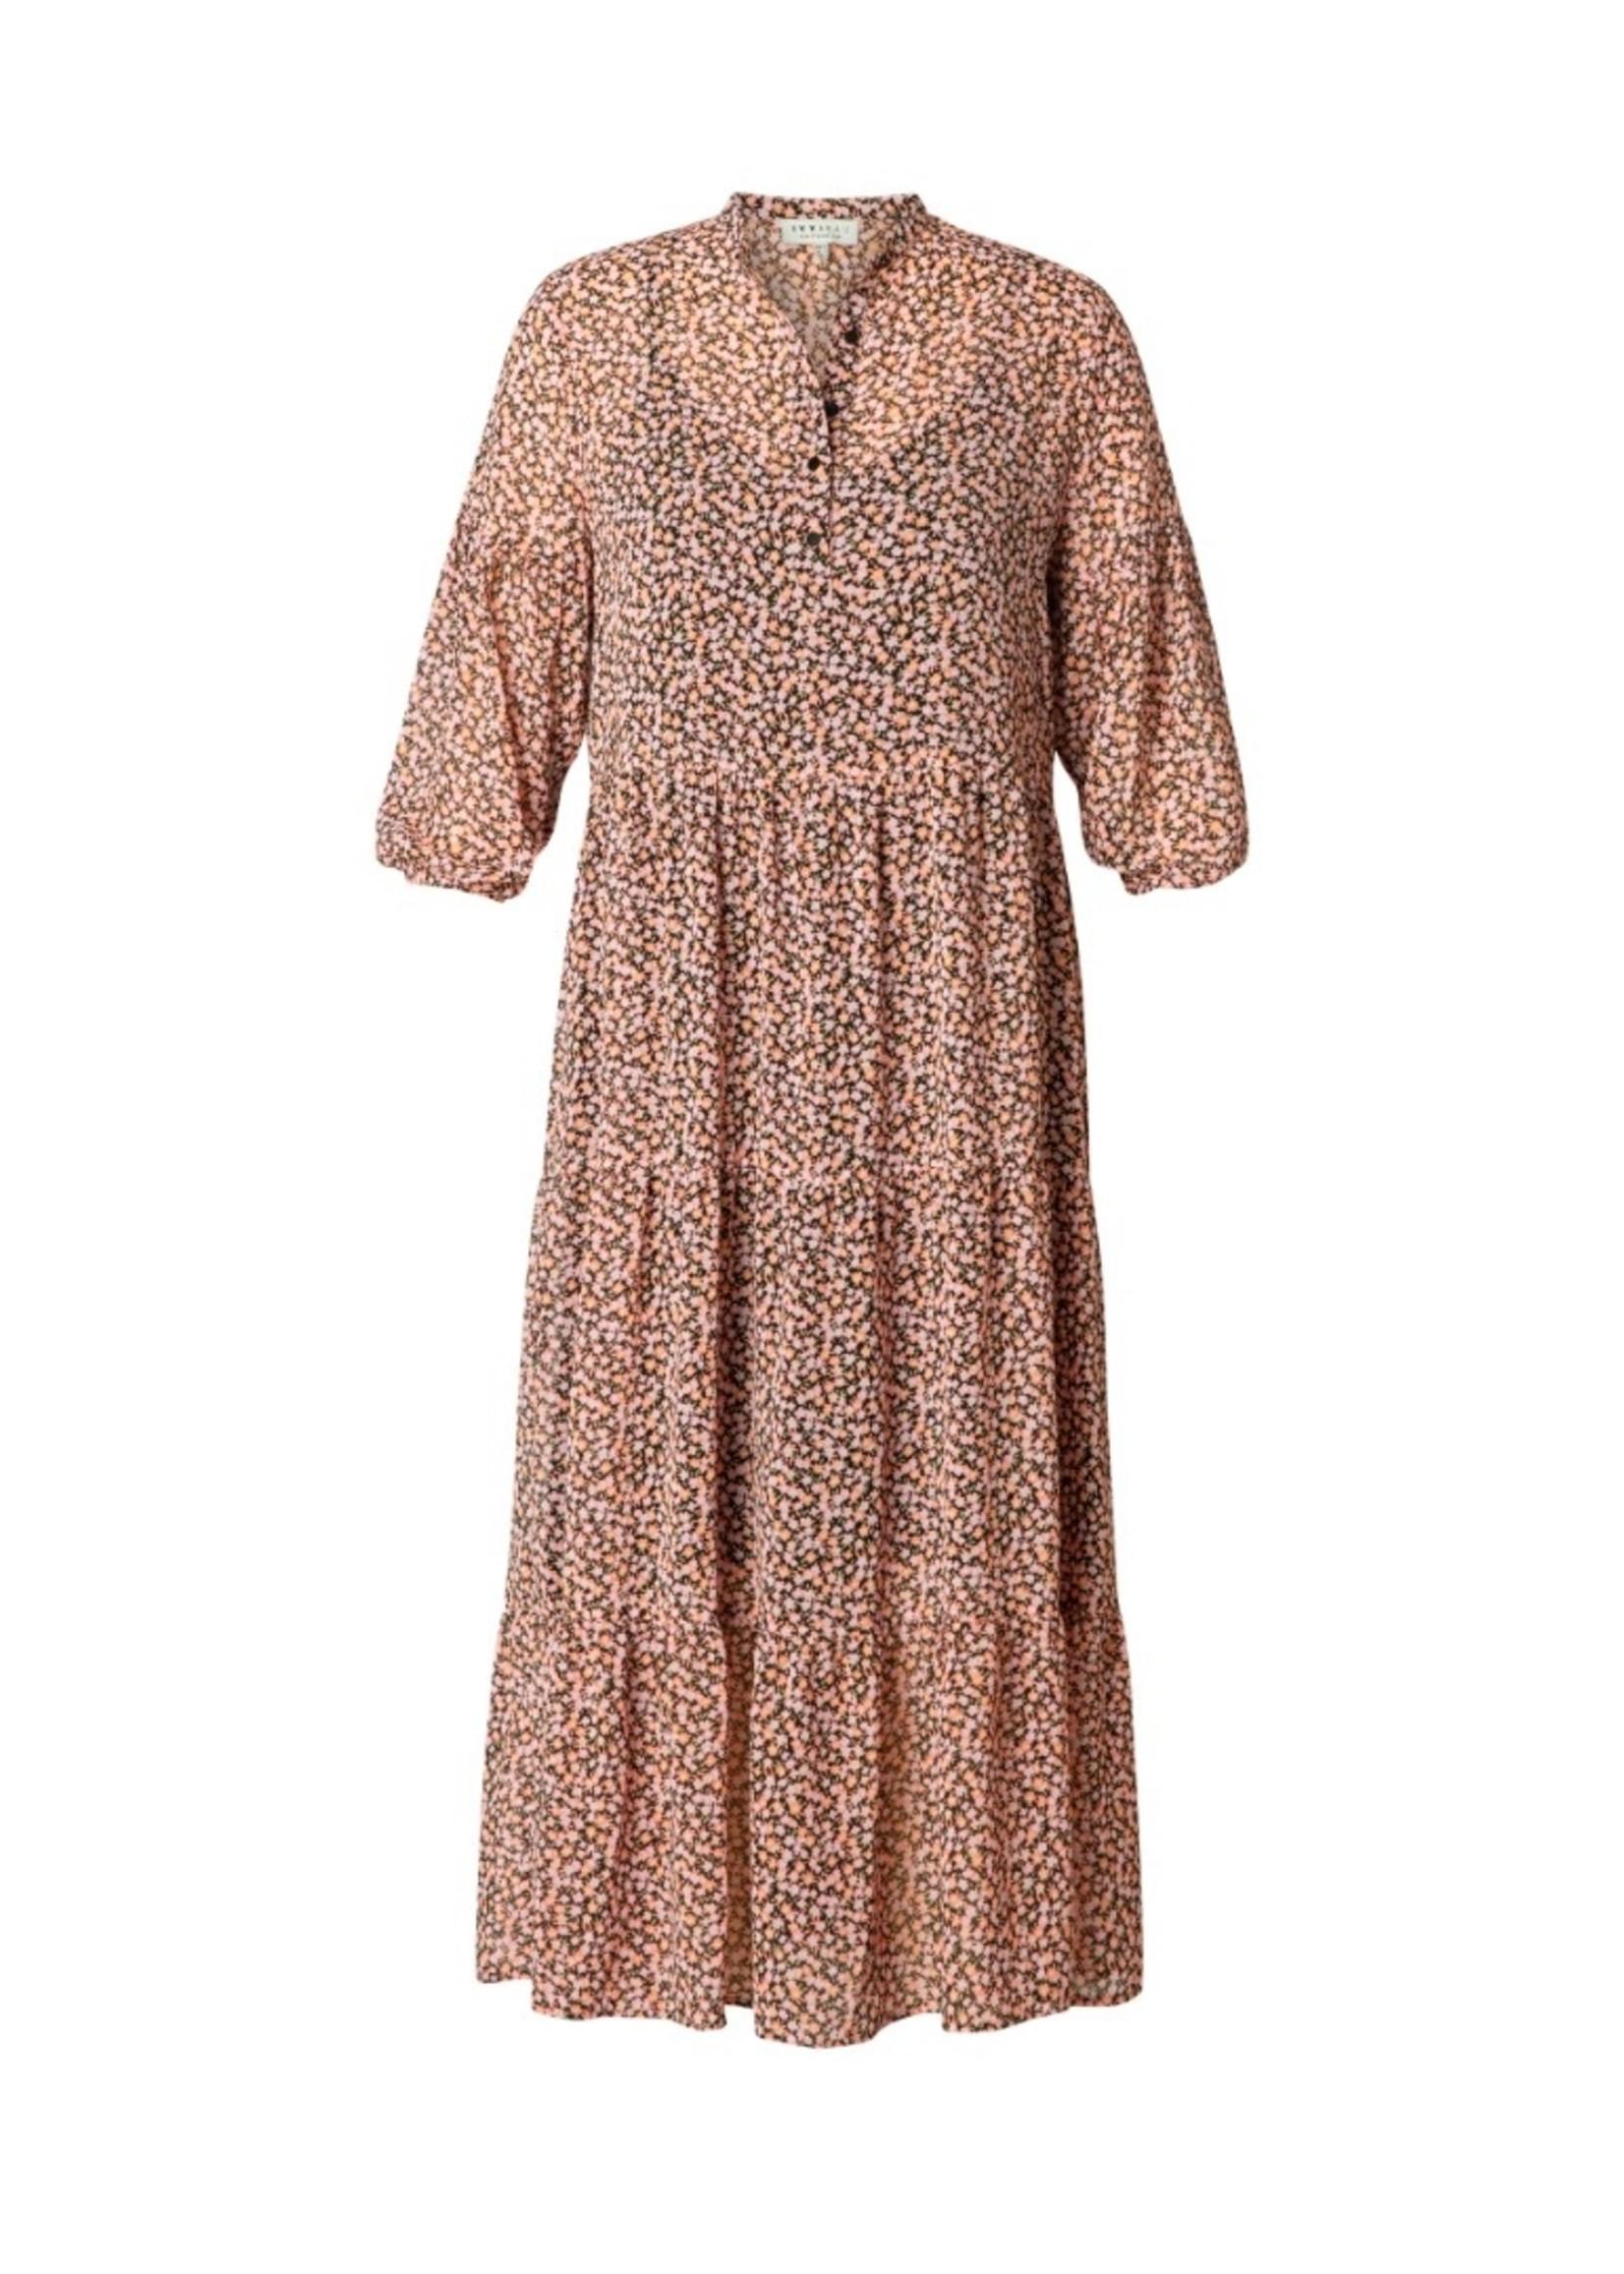 Ivy Beau Ivy Beau Roelien Dress